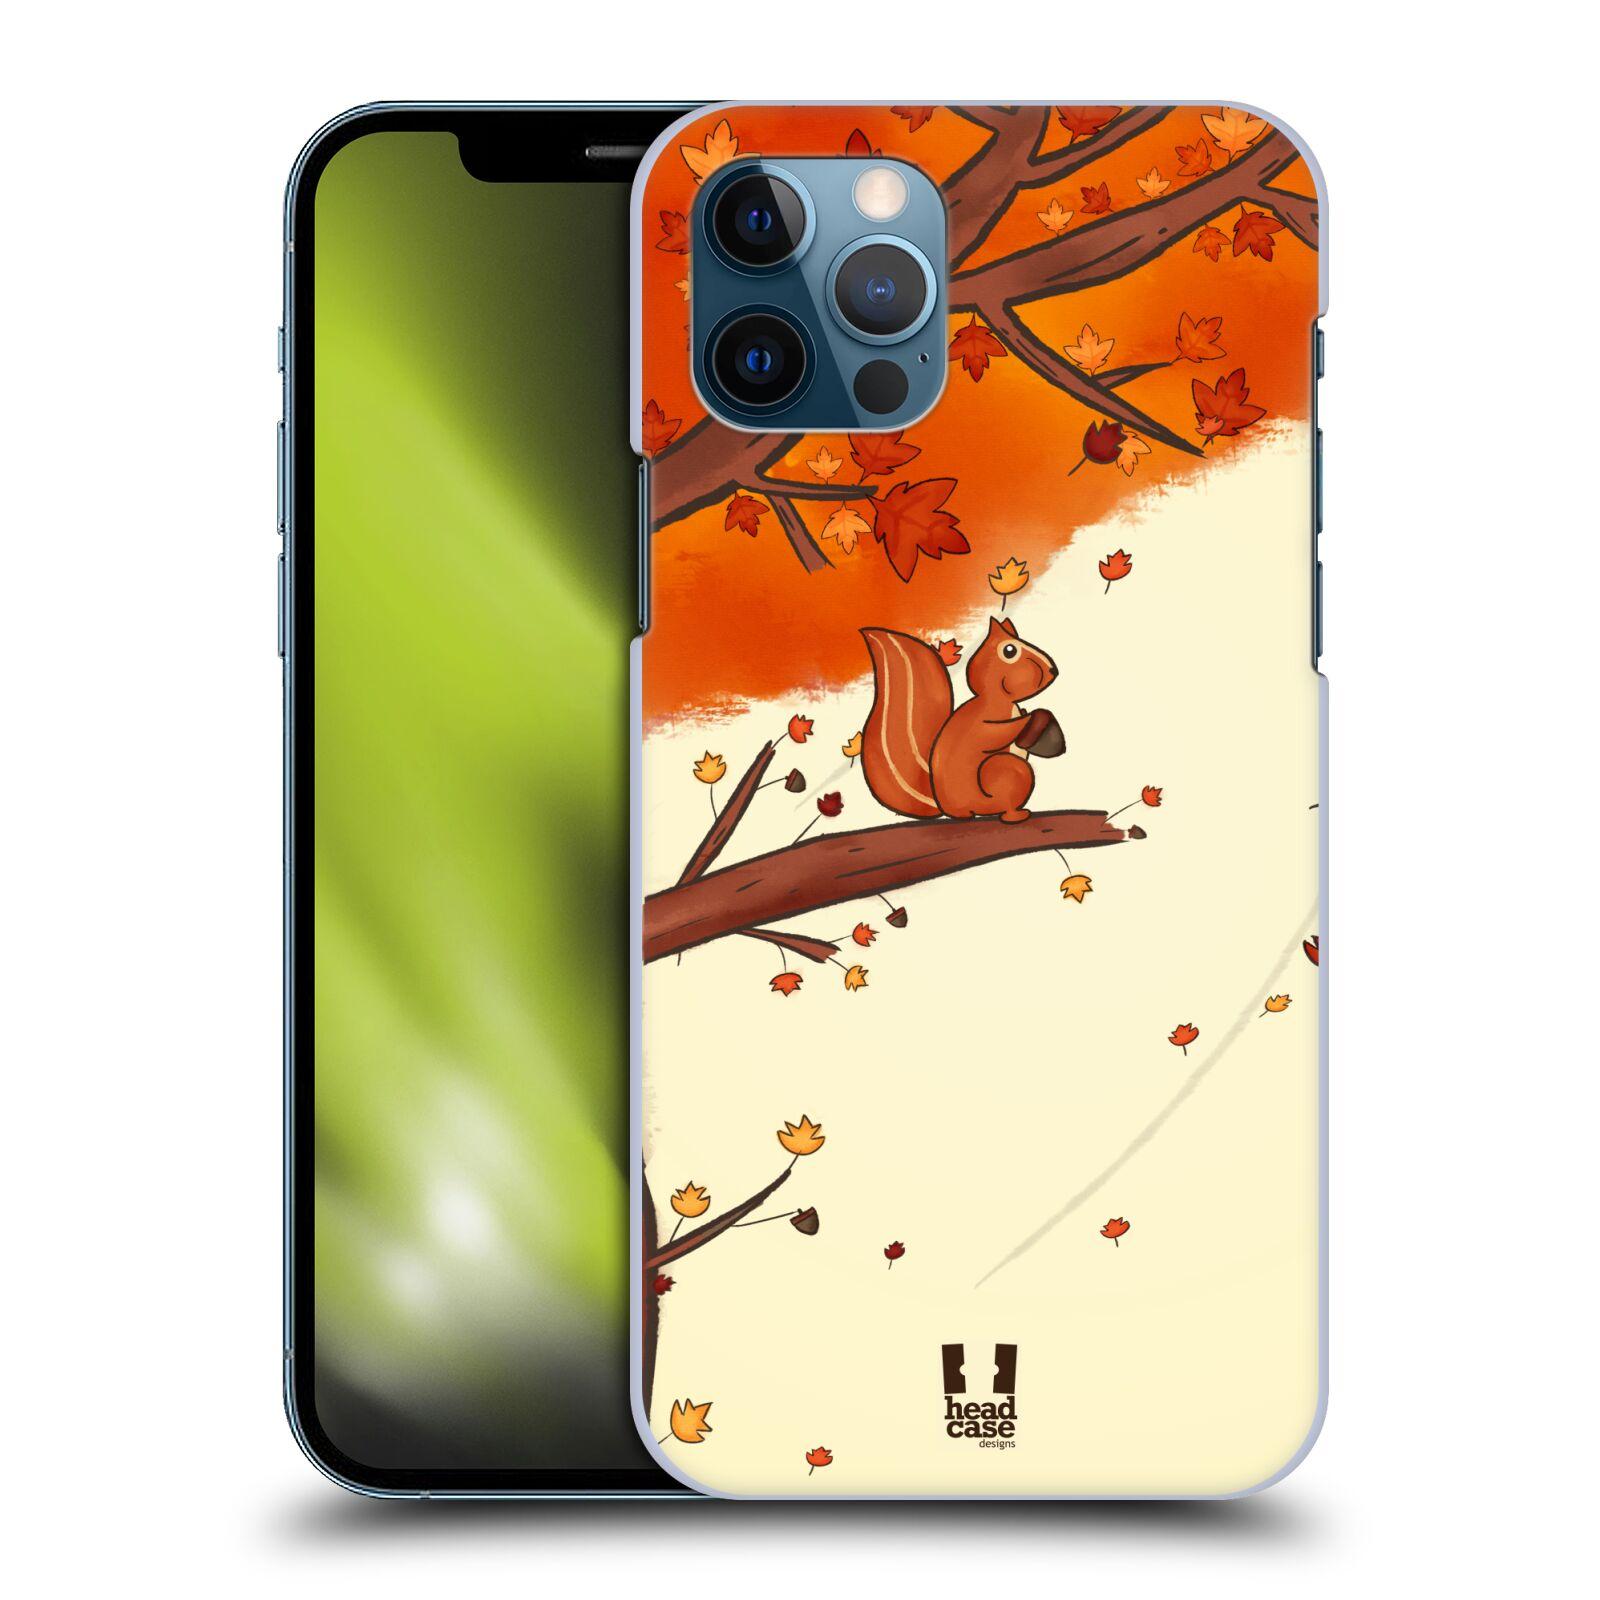 Plastové pouzdro na mobil Apple iPhone 12 / 12 Pro - Head Case - PODZIMNÍ VEVERKA